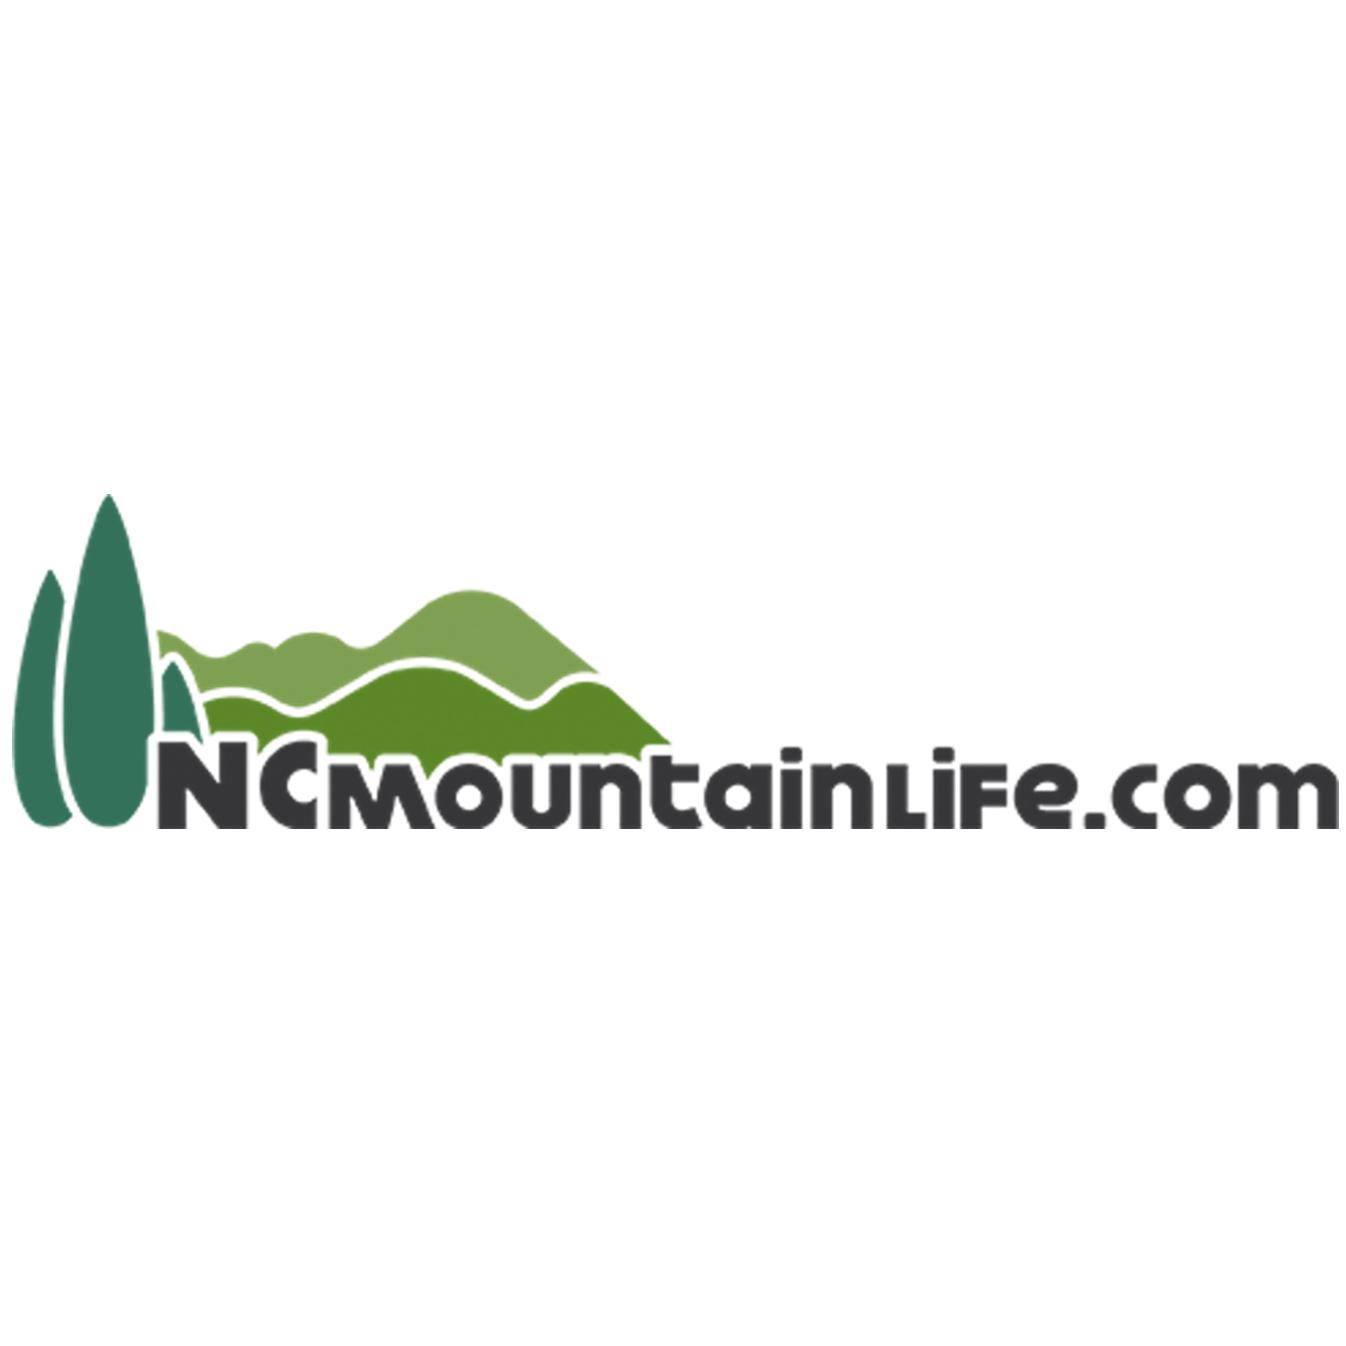 NCMountainLife.com image 1